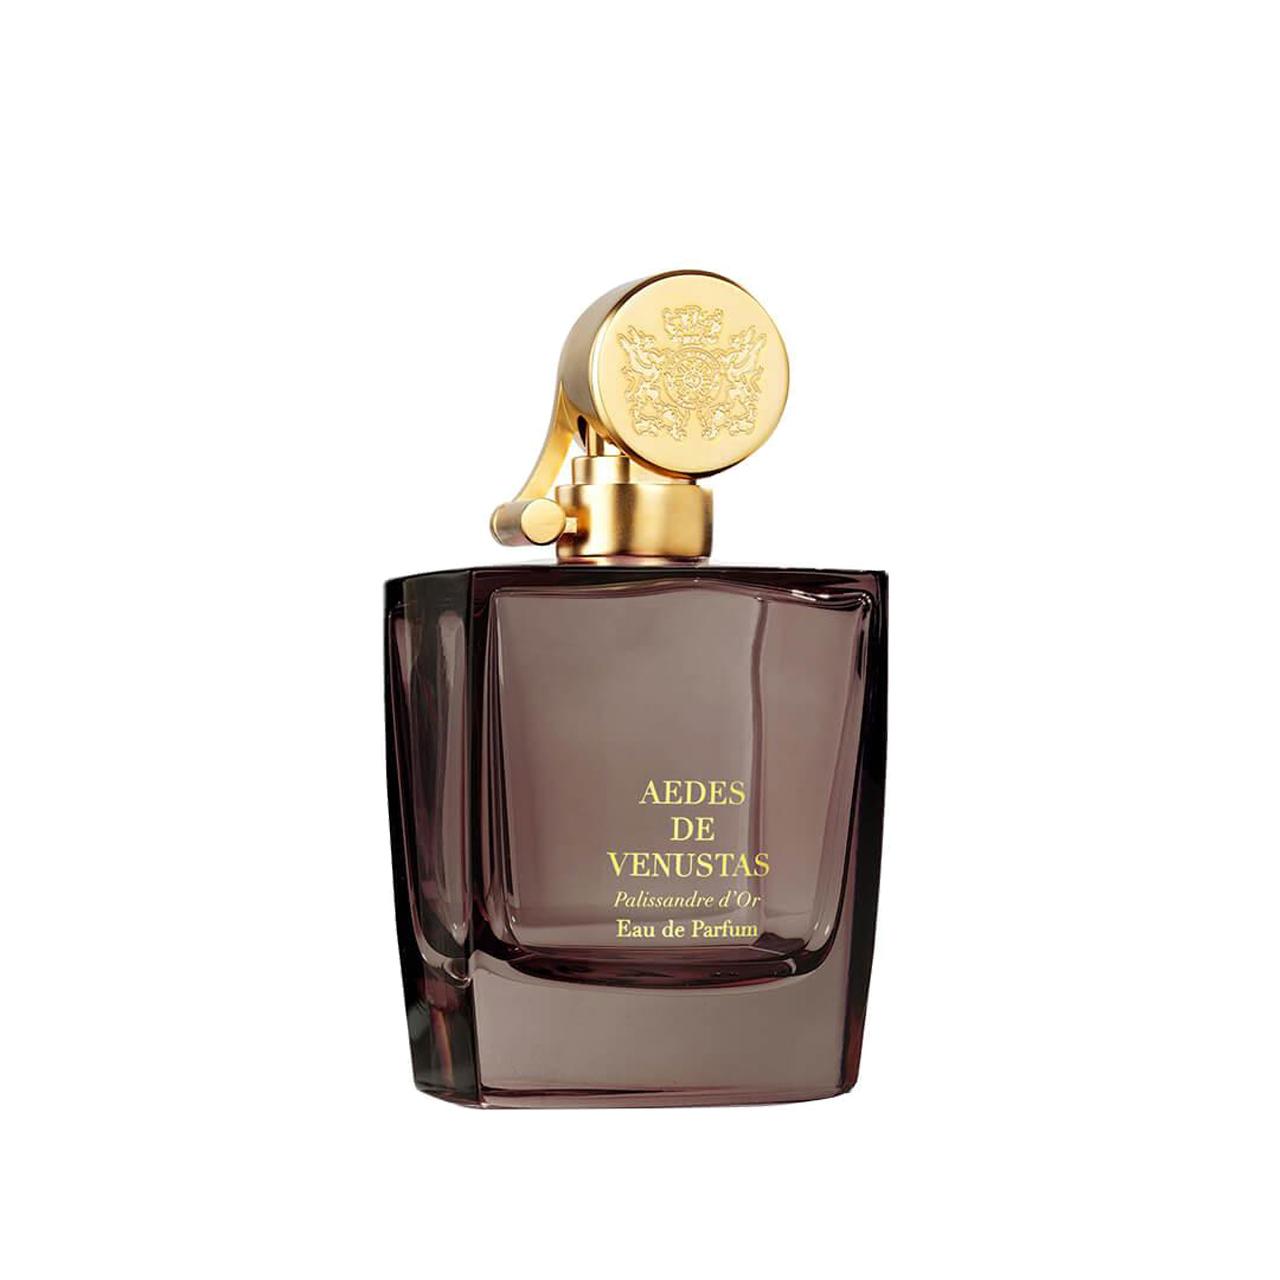 Palissandre d'Or - Eau de Parfum